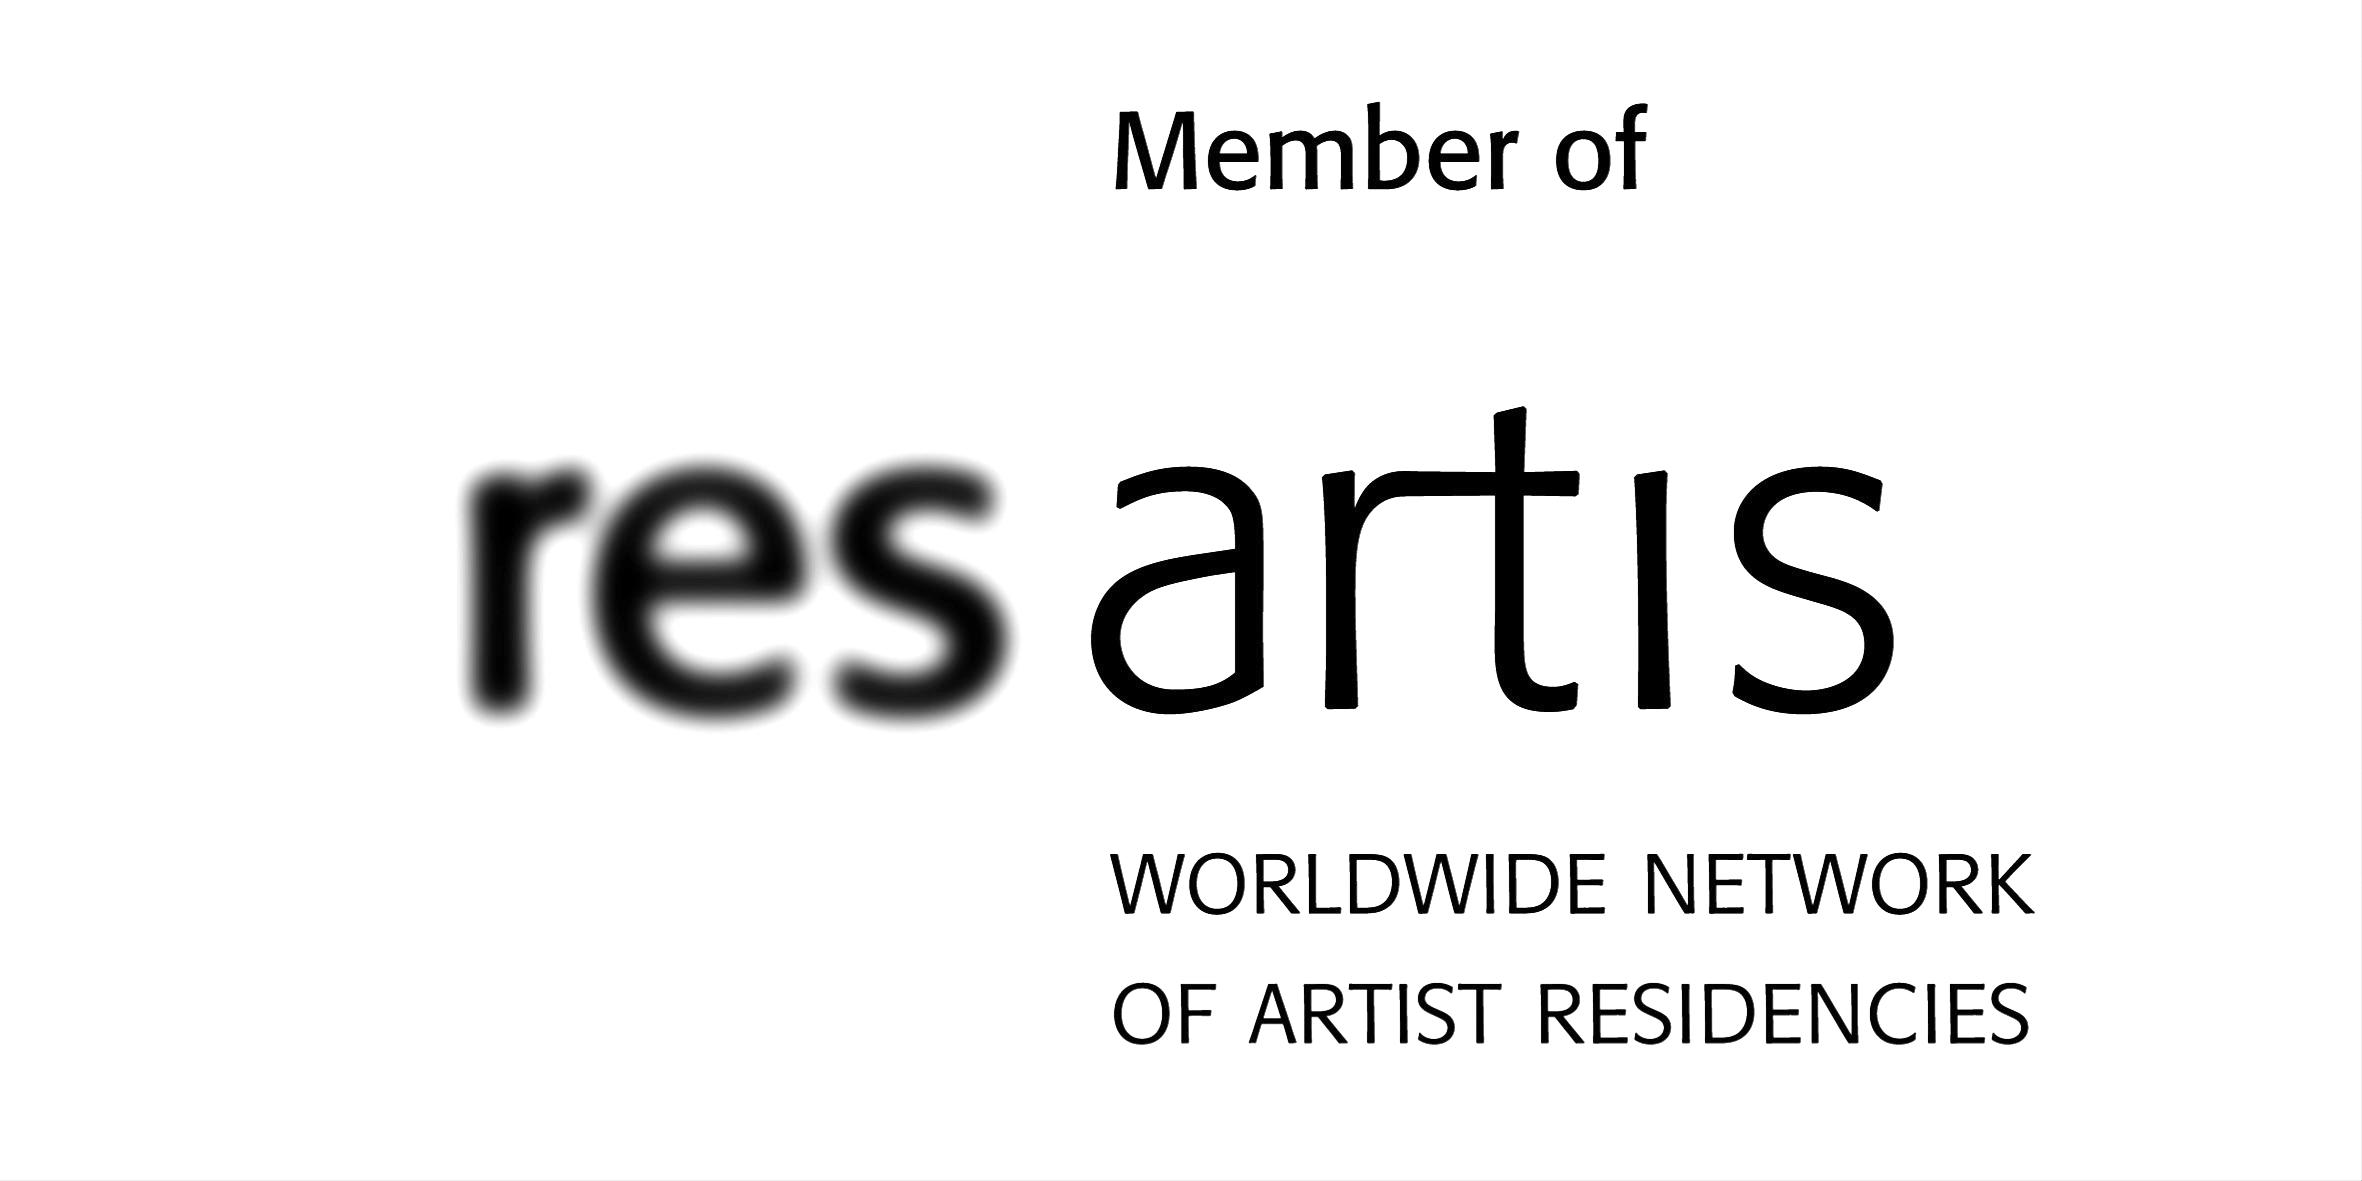 res_artis_member_logo_bw.png